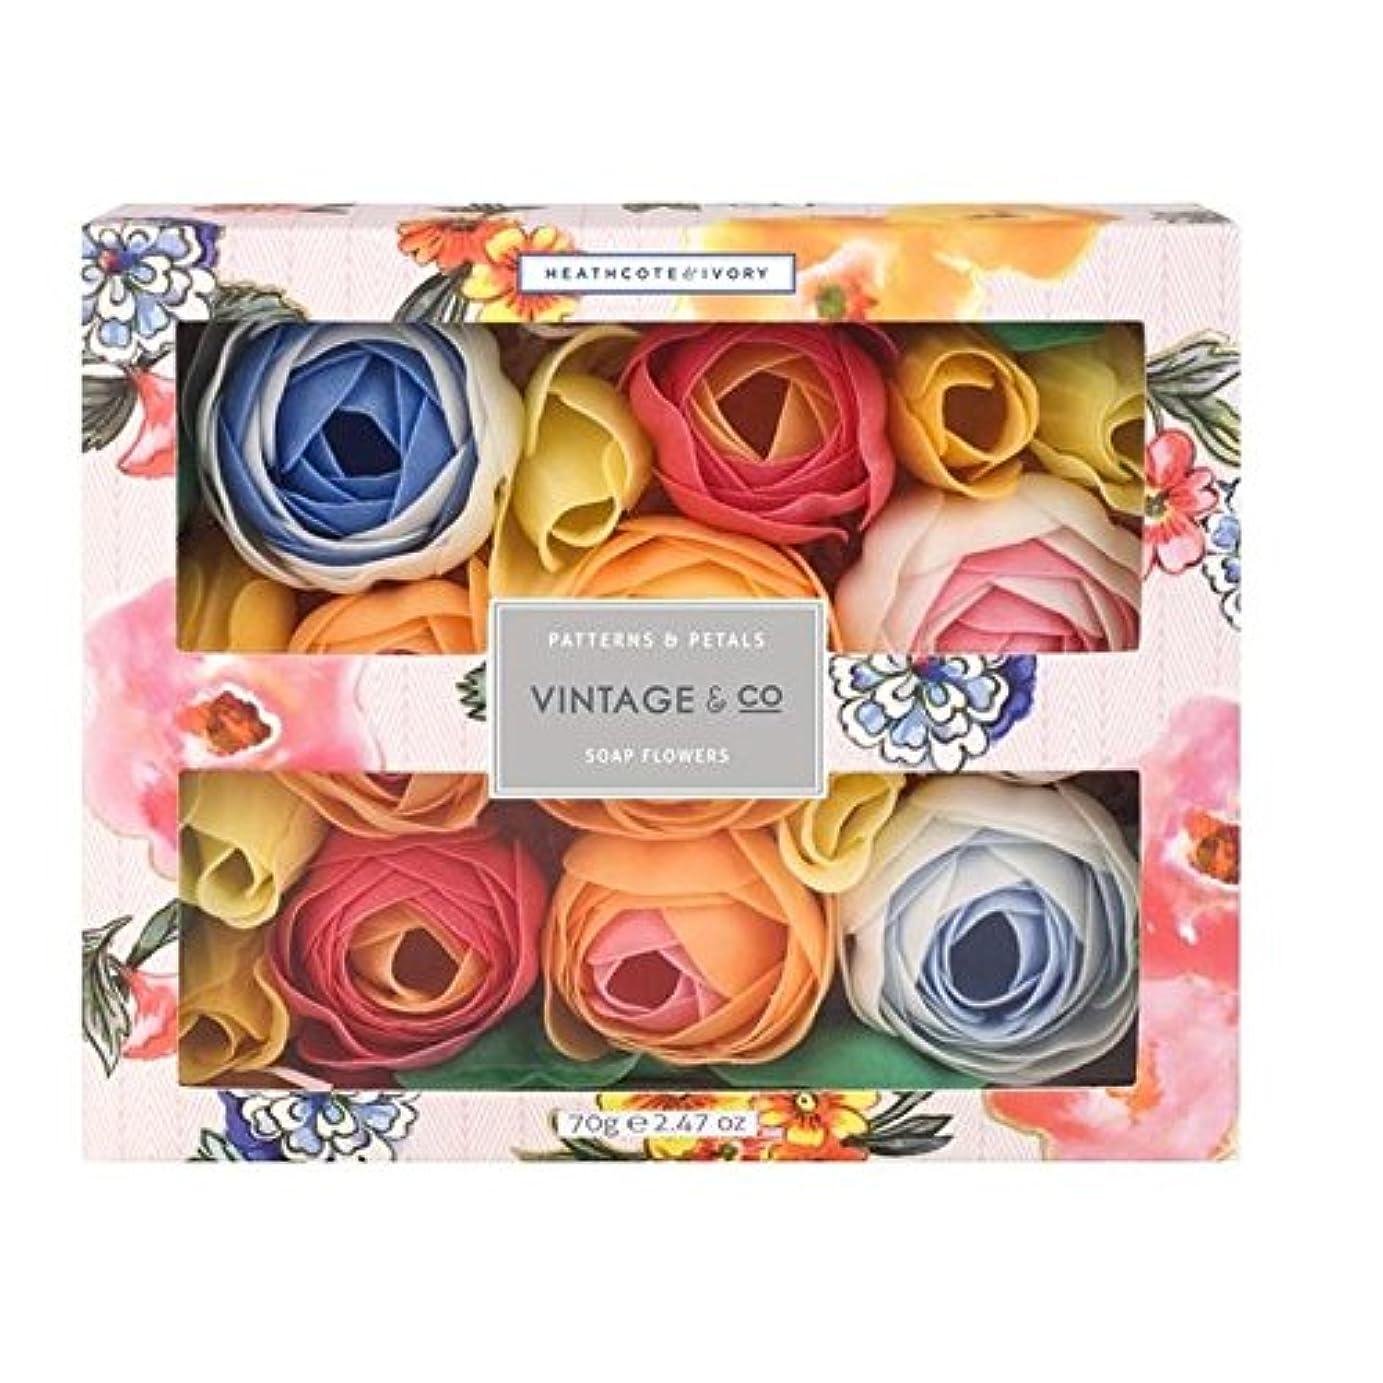 増幅する囲まれた優雅なヒースコート&アイボリーパターン&花びら石鹸の花70グラム x2 - Heathcote & Ivory Patterns & Petals Soap Flowers 70g (Pack of 2) [並行輸入品]